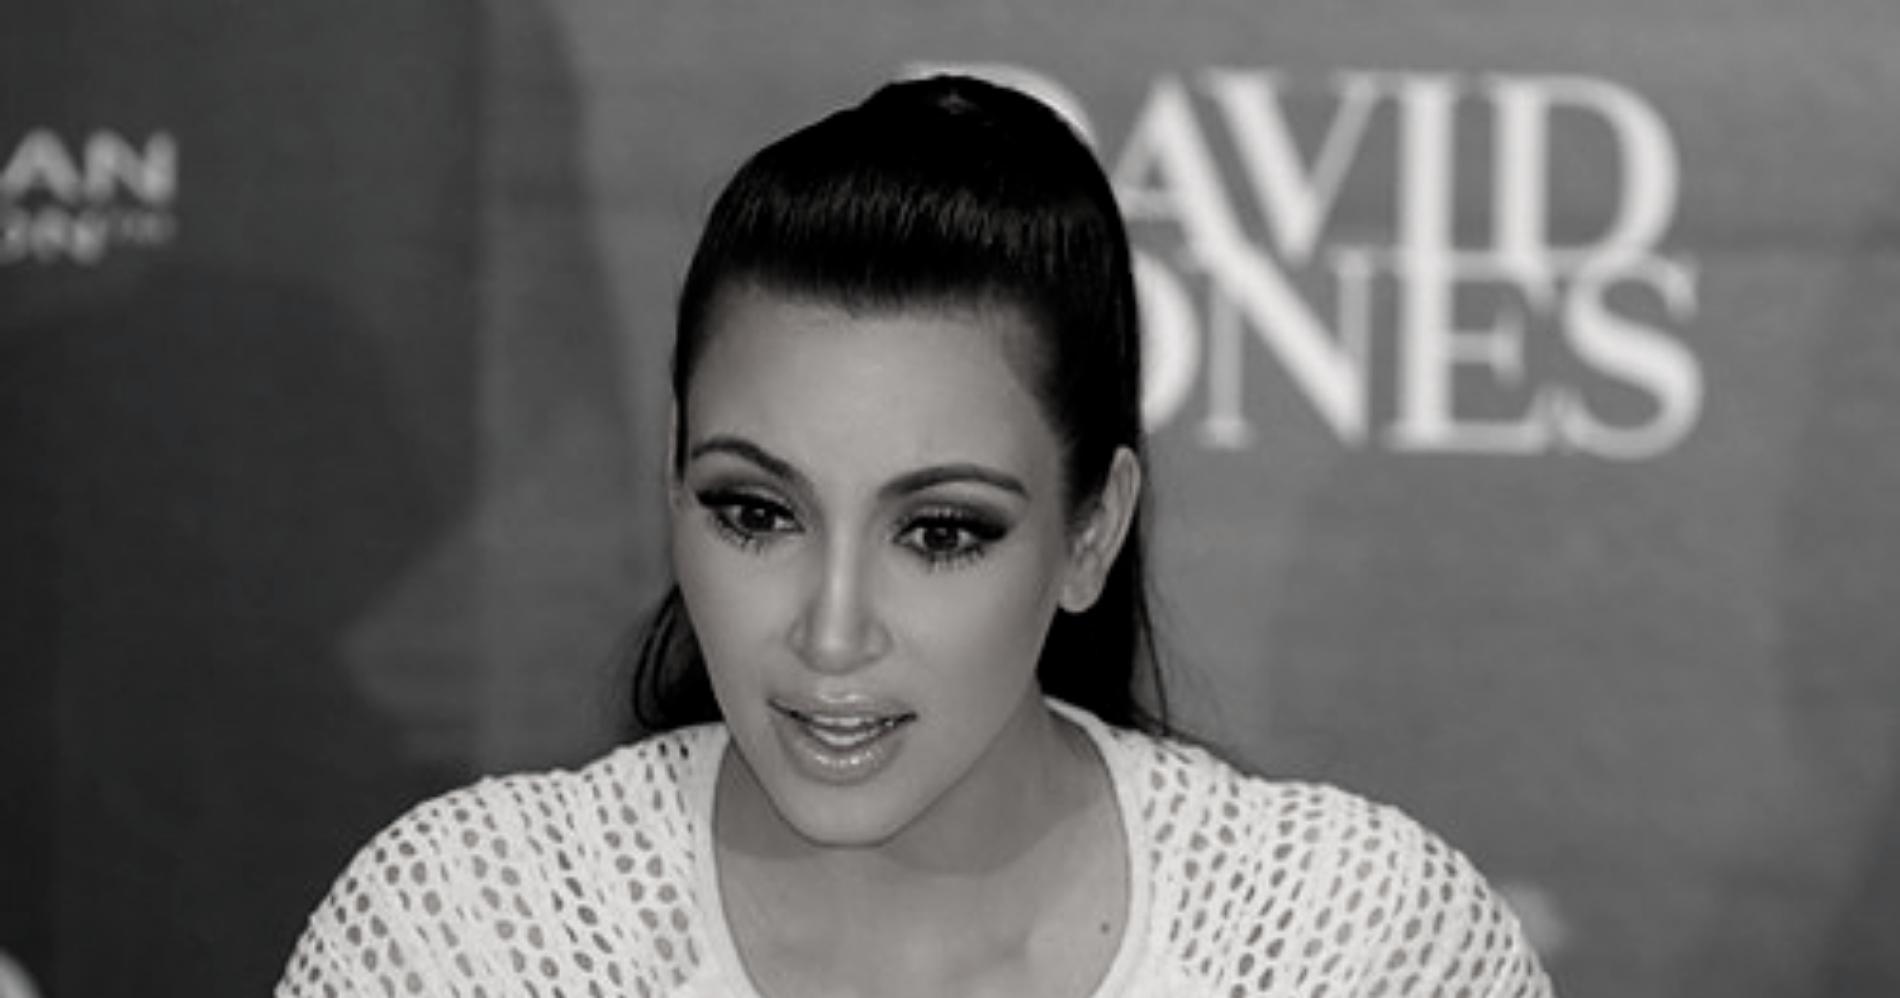 Kim Kardashian Illustration Web Bisnis Muda - Flickr